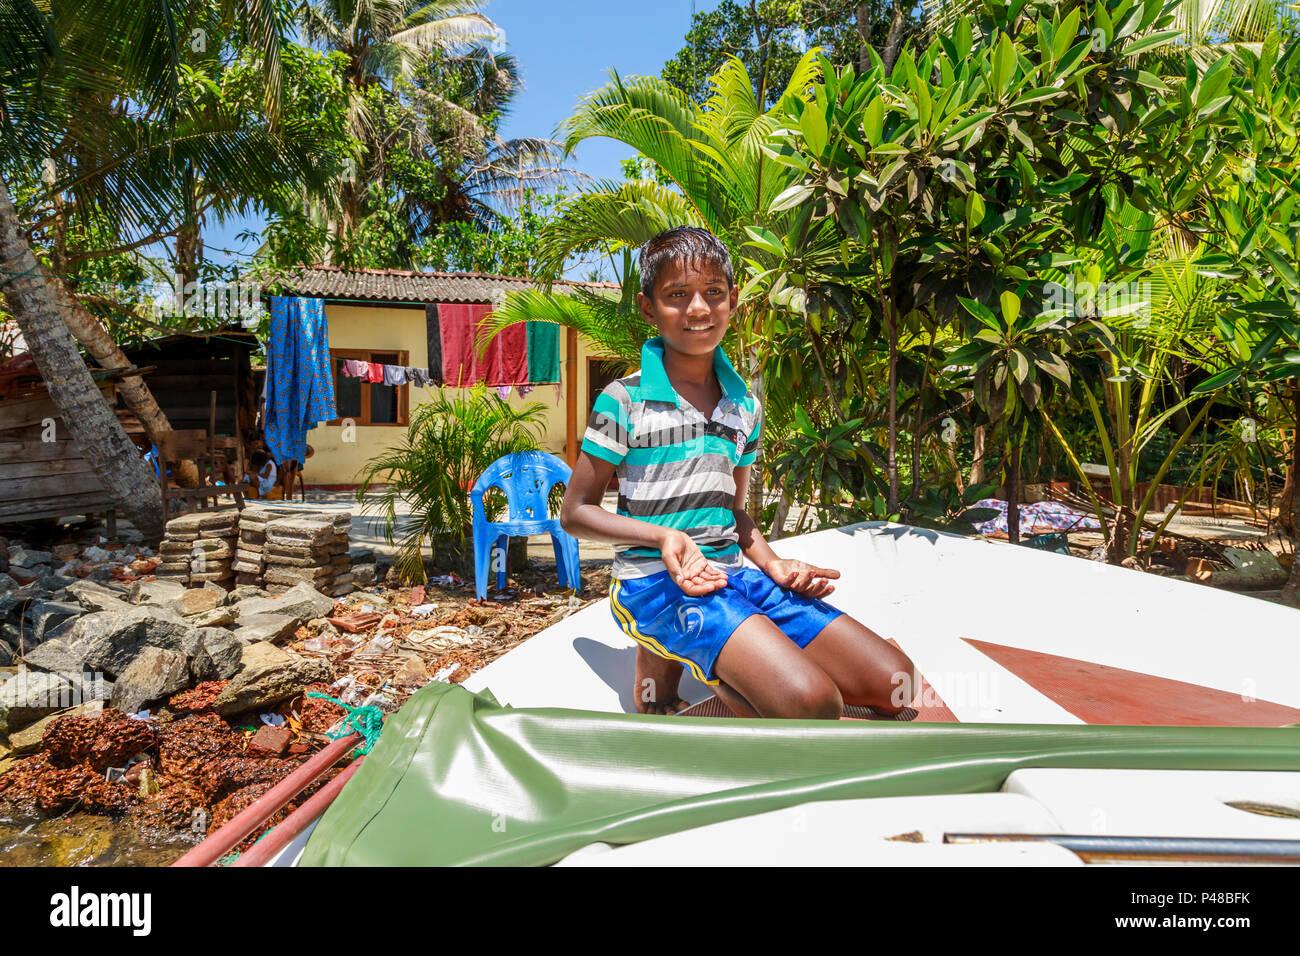 Sri-lankaise locale garçon agenouillé, vivant sur les rives de la rivière tropicale Madu Madu Ganga, les zones humides, au sud-ouest de Sri Lanka Banque D'Images